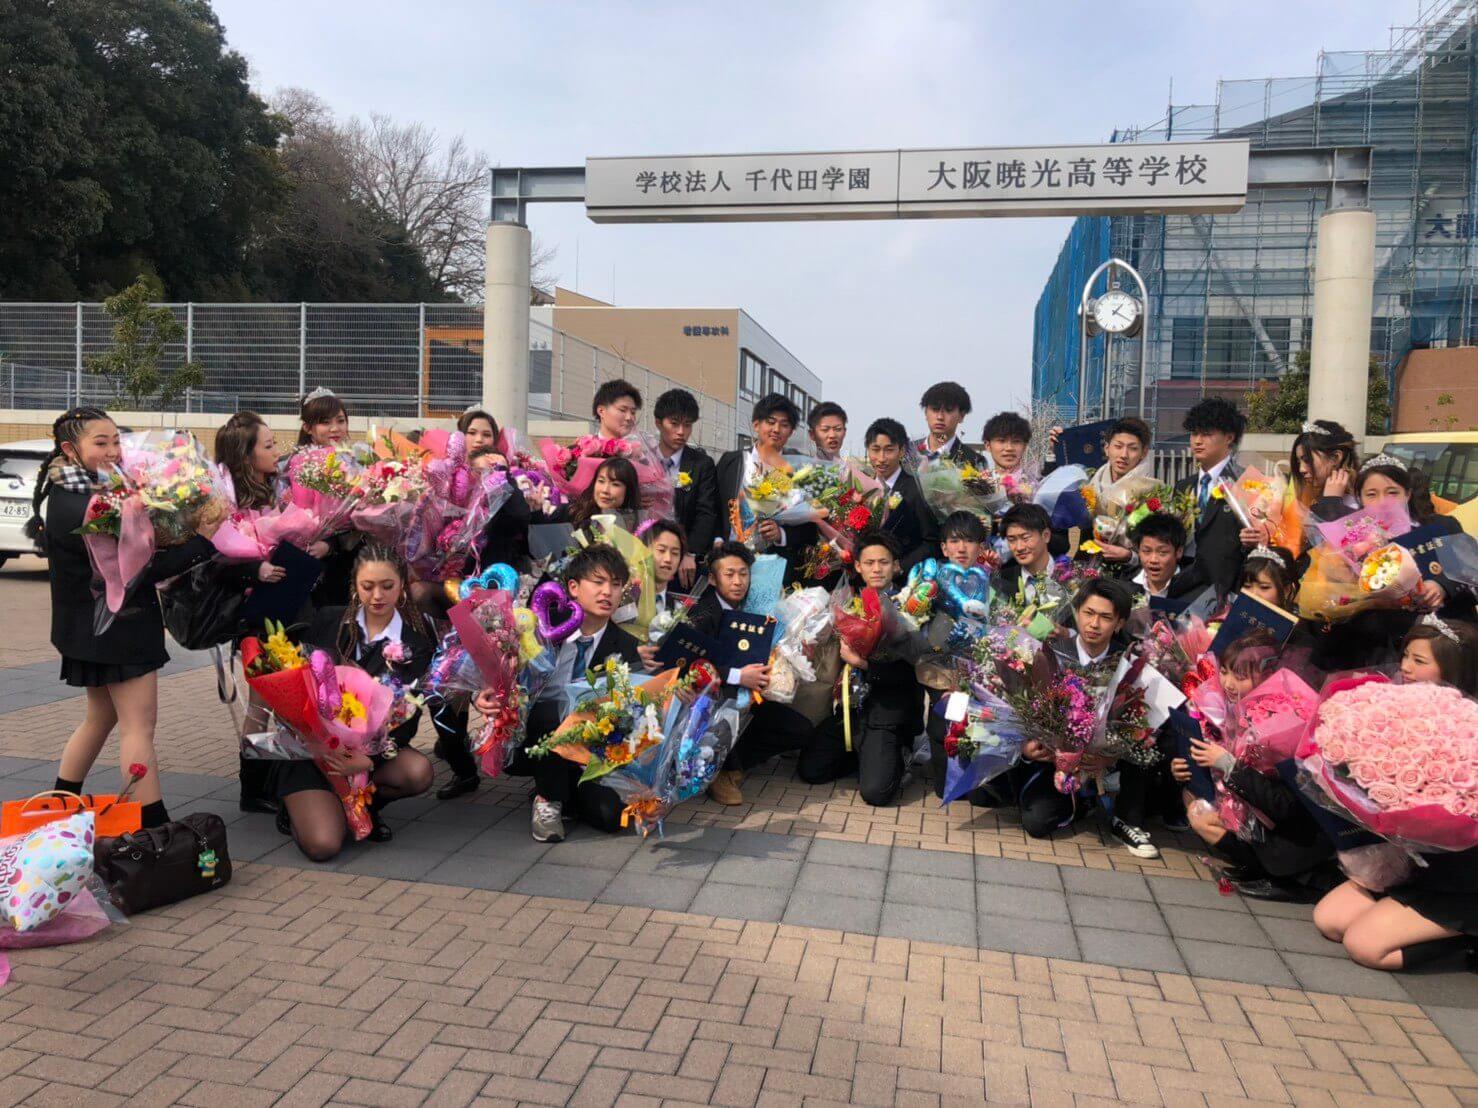 【画像】大阪に暁光JKというイケイケ女子高生がいるらしい・・・